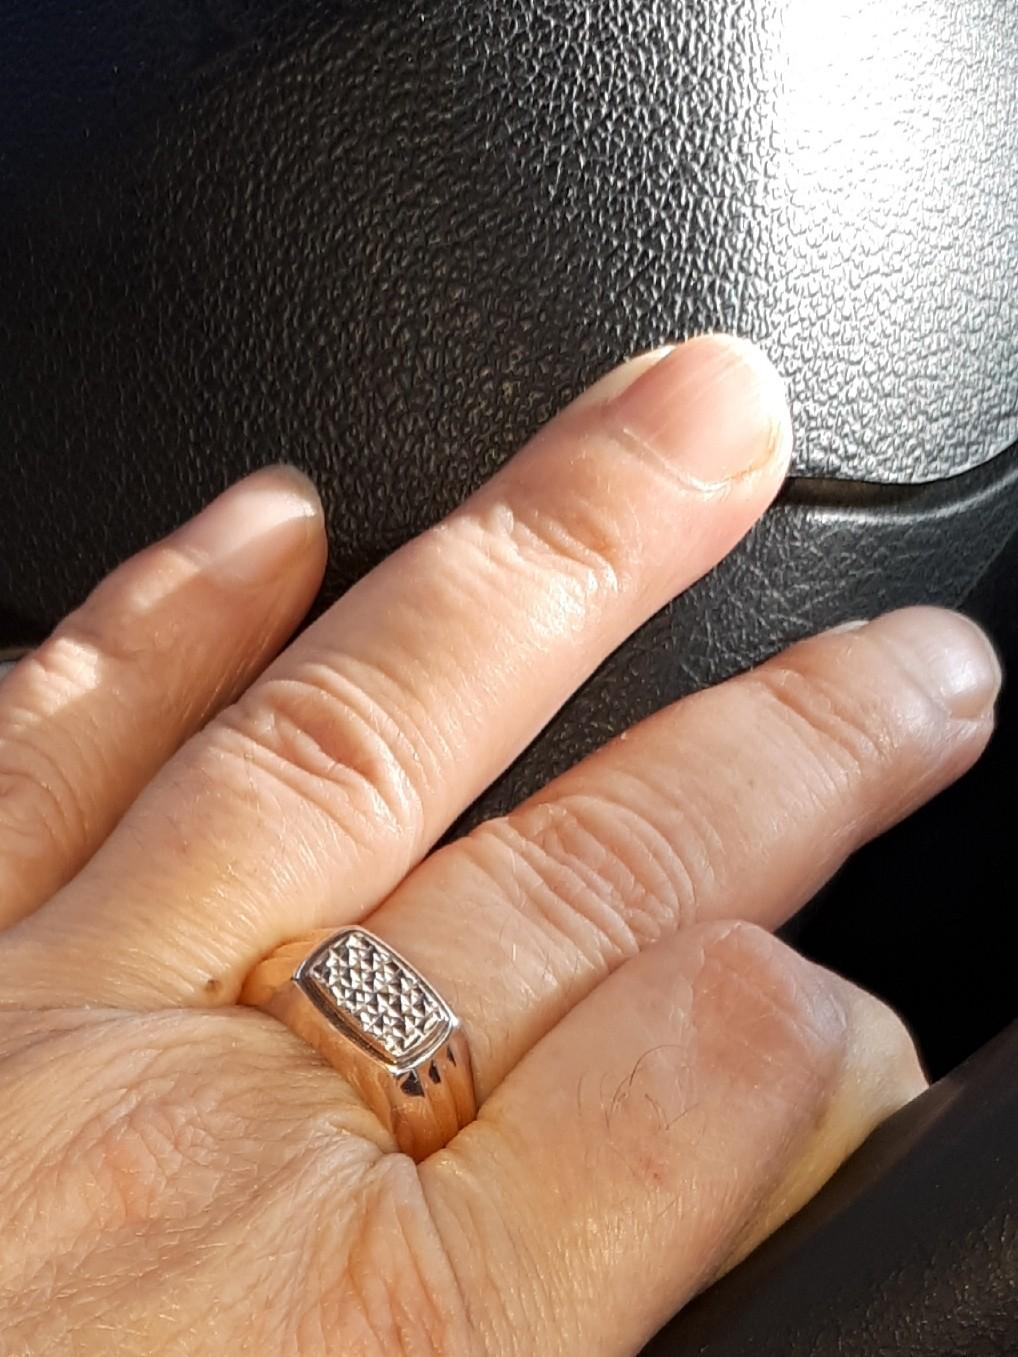 Кольцо купила мужу в подарок